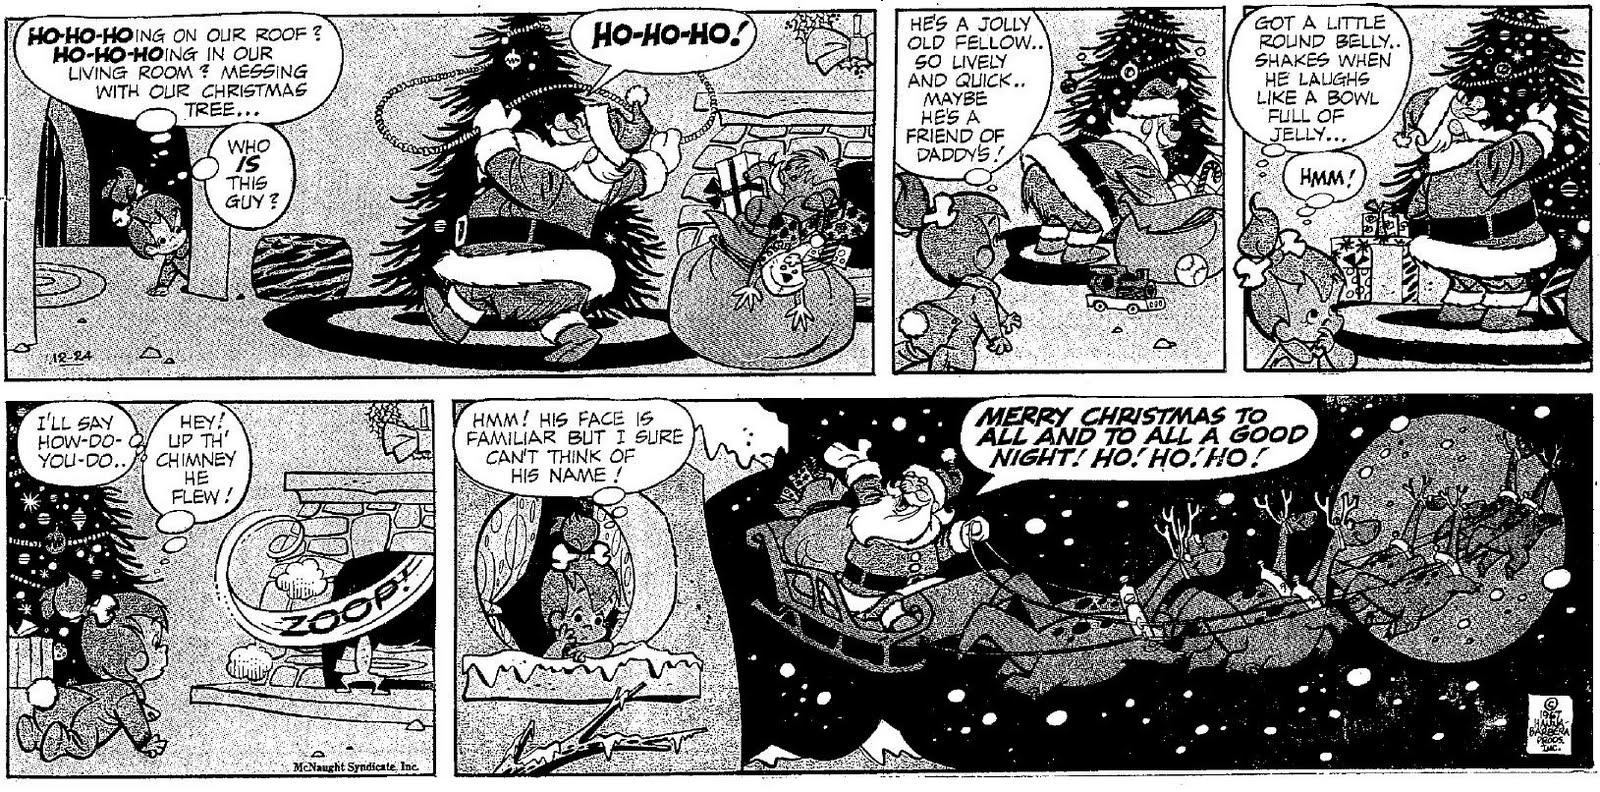 THE FLINTSTONES, December 29, 1968